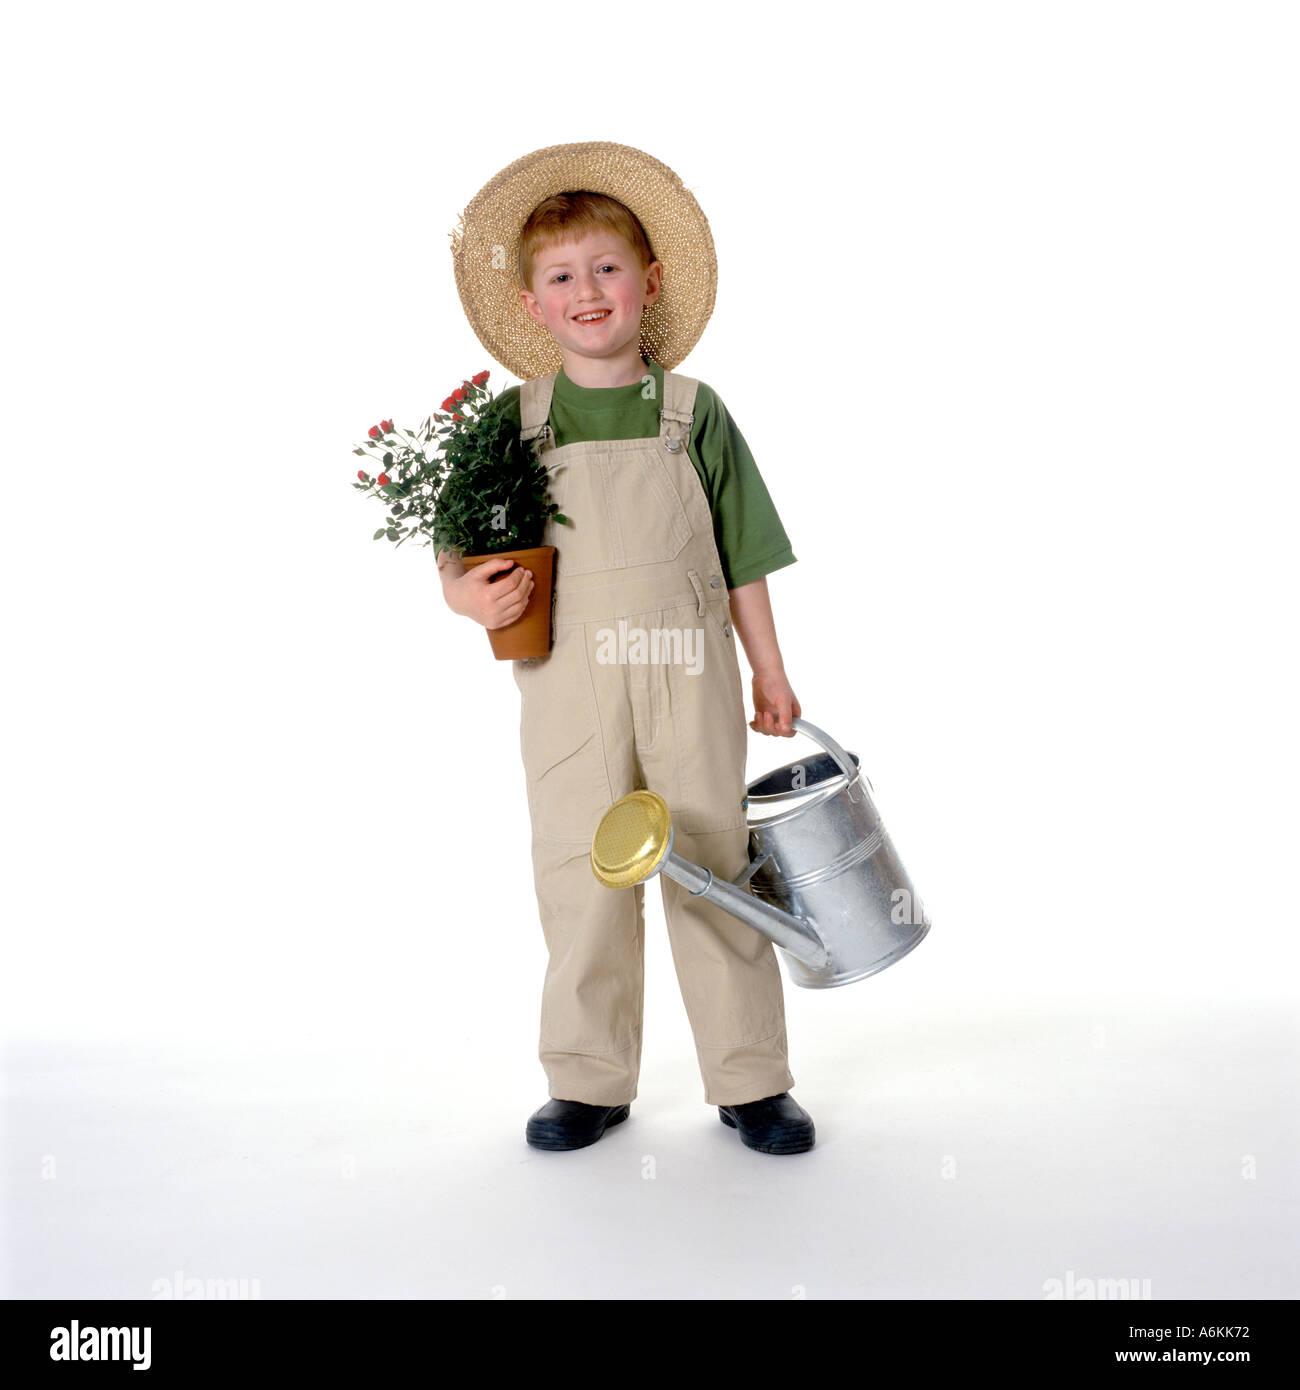 Little boy dressed as gardener - Stock Image